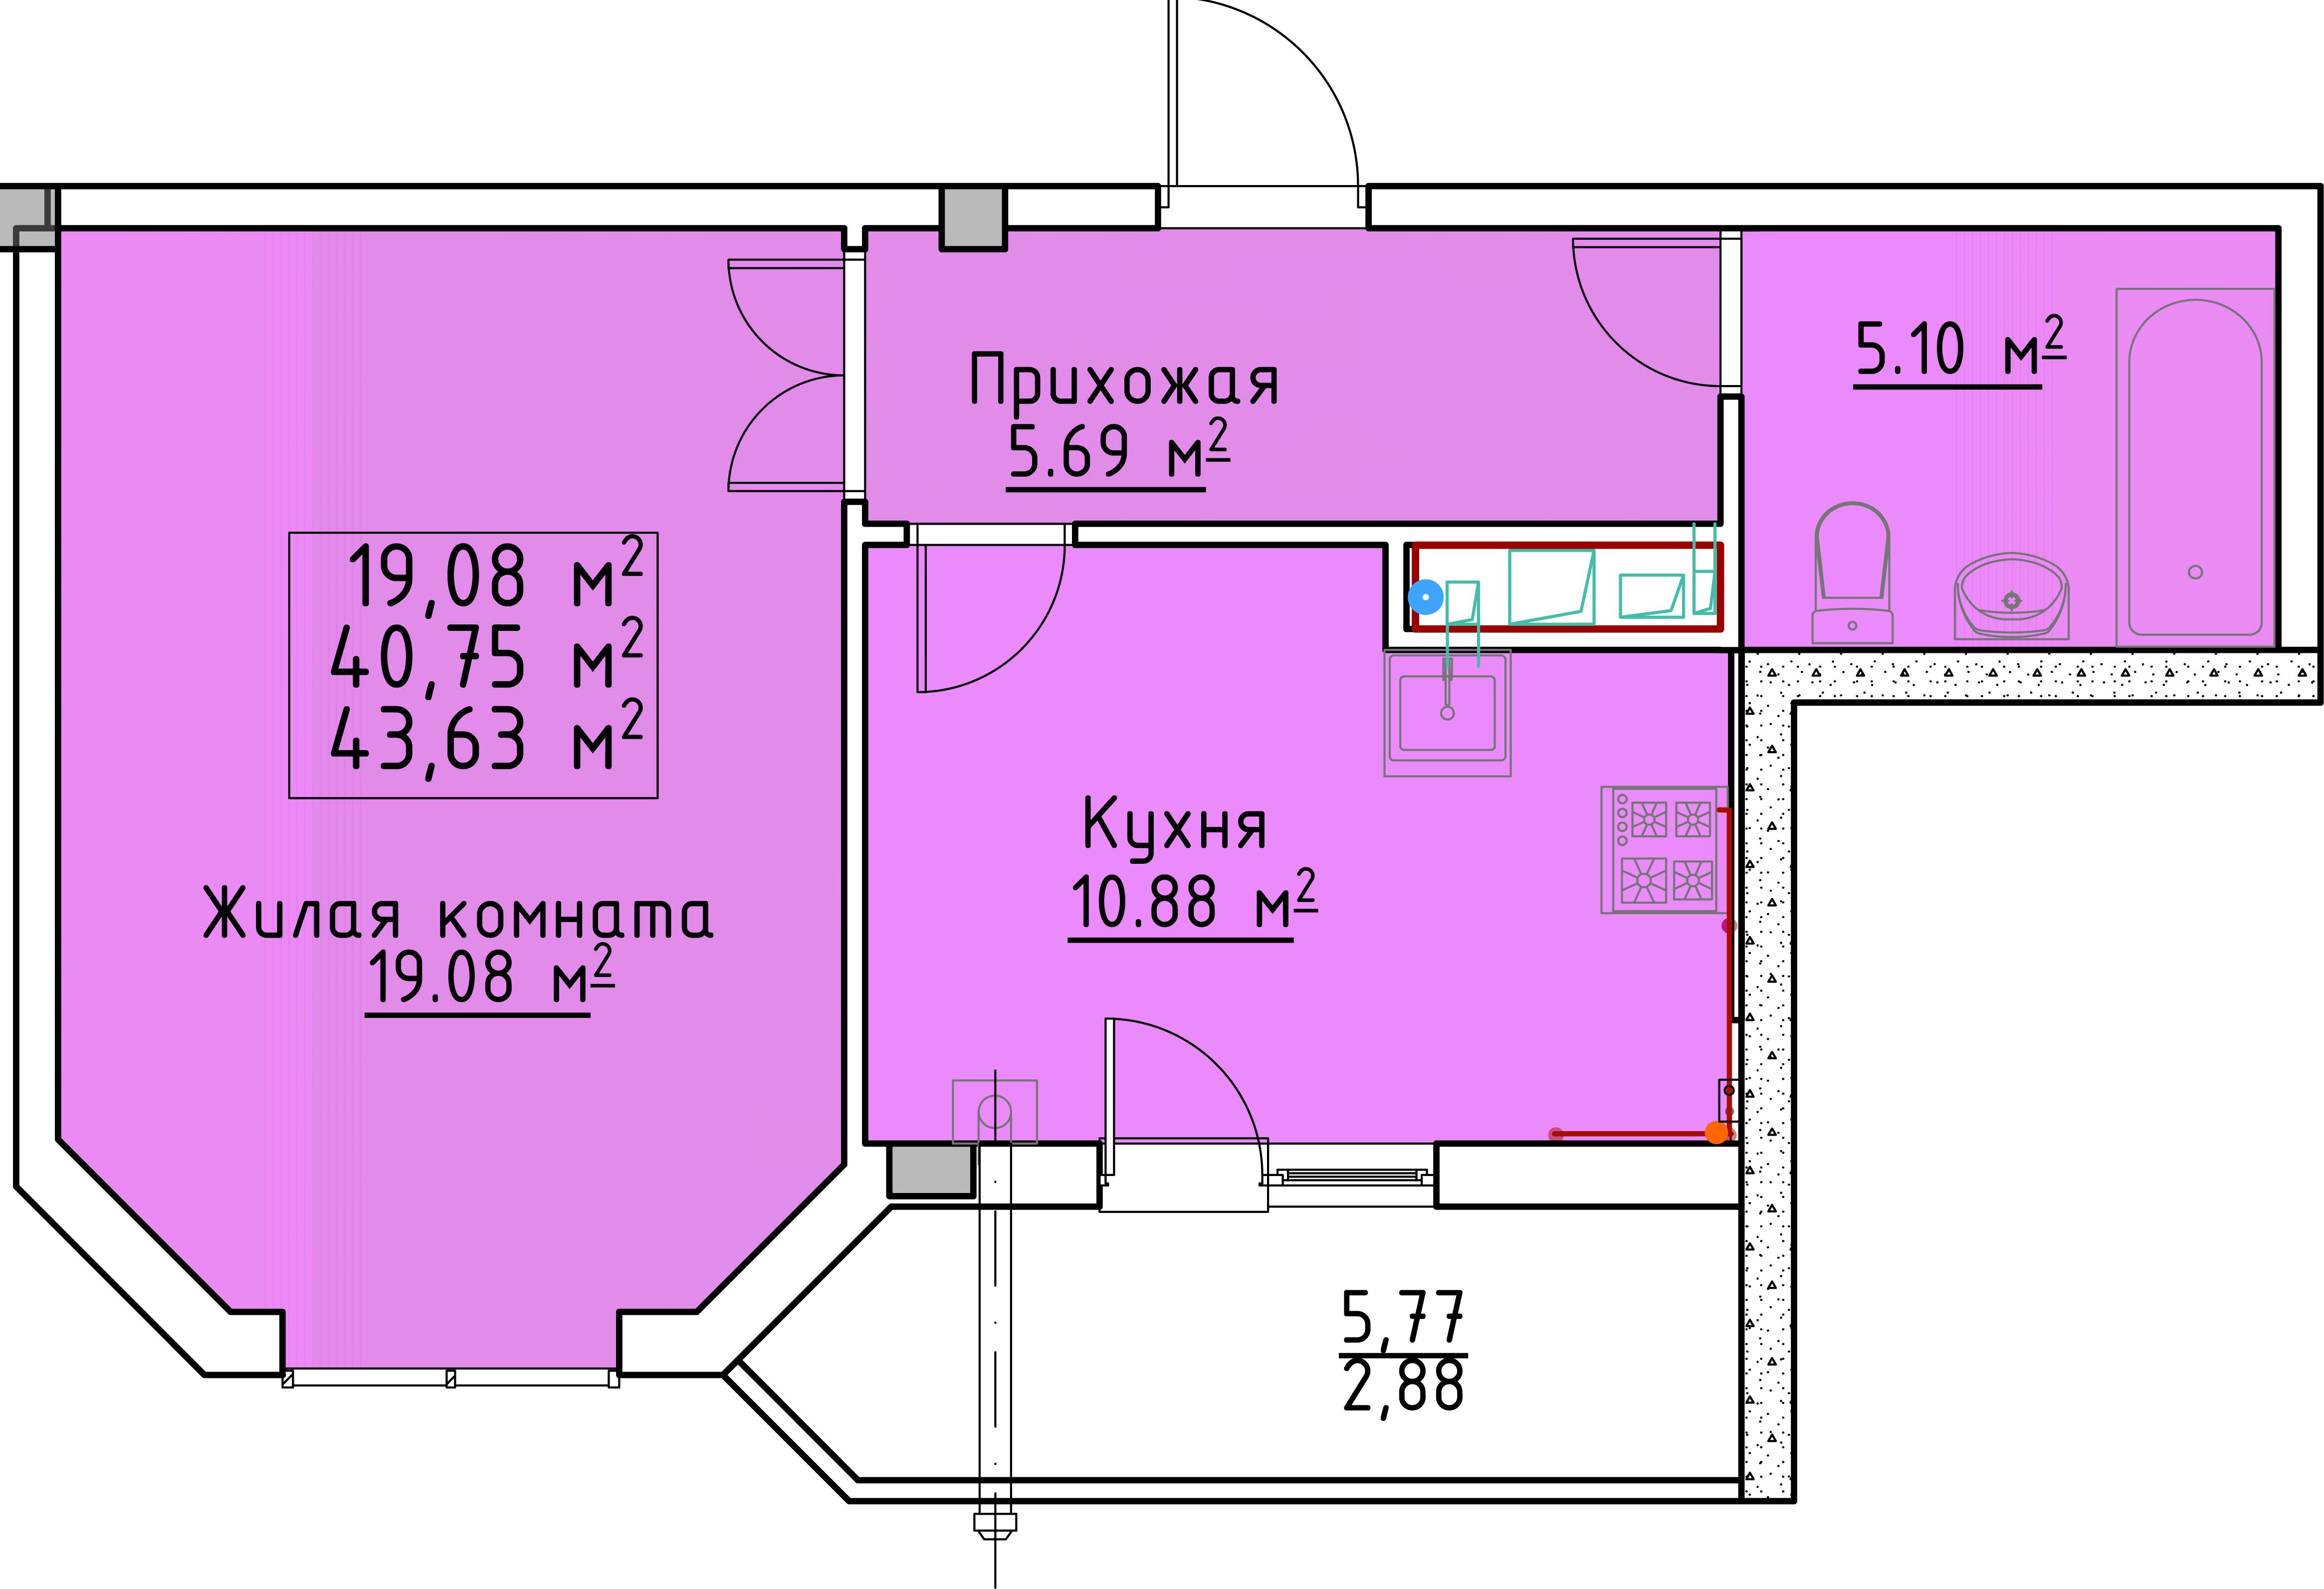 Однокомнатная - ЖК Мариинский$19100Площадь:43.1m²